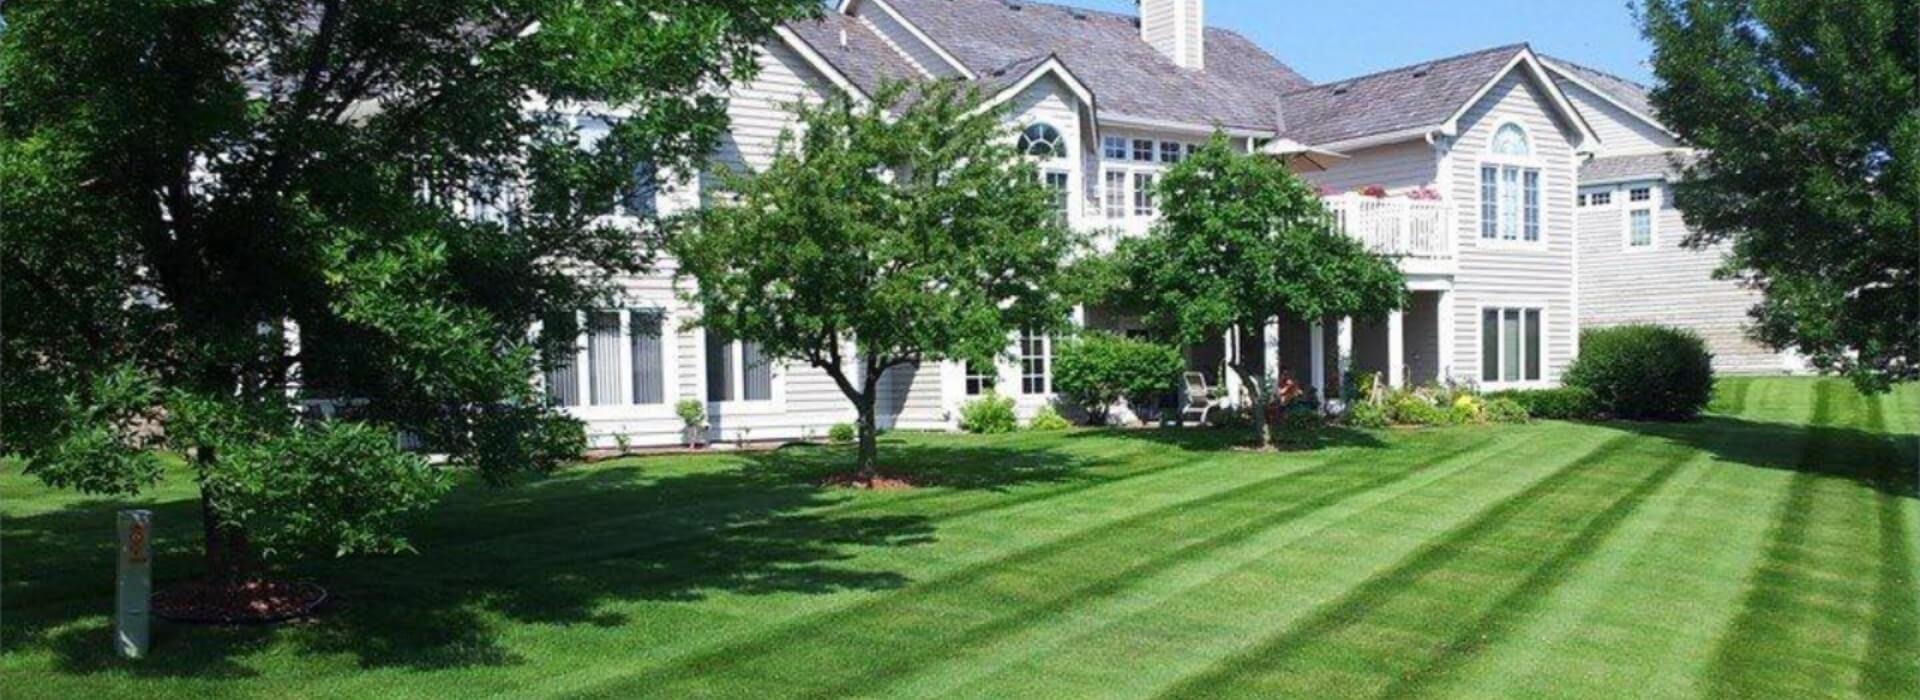 Commercial Landscape Construction Specialists